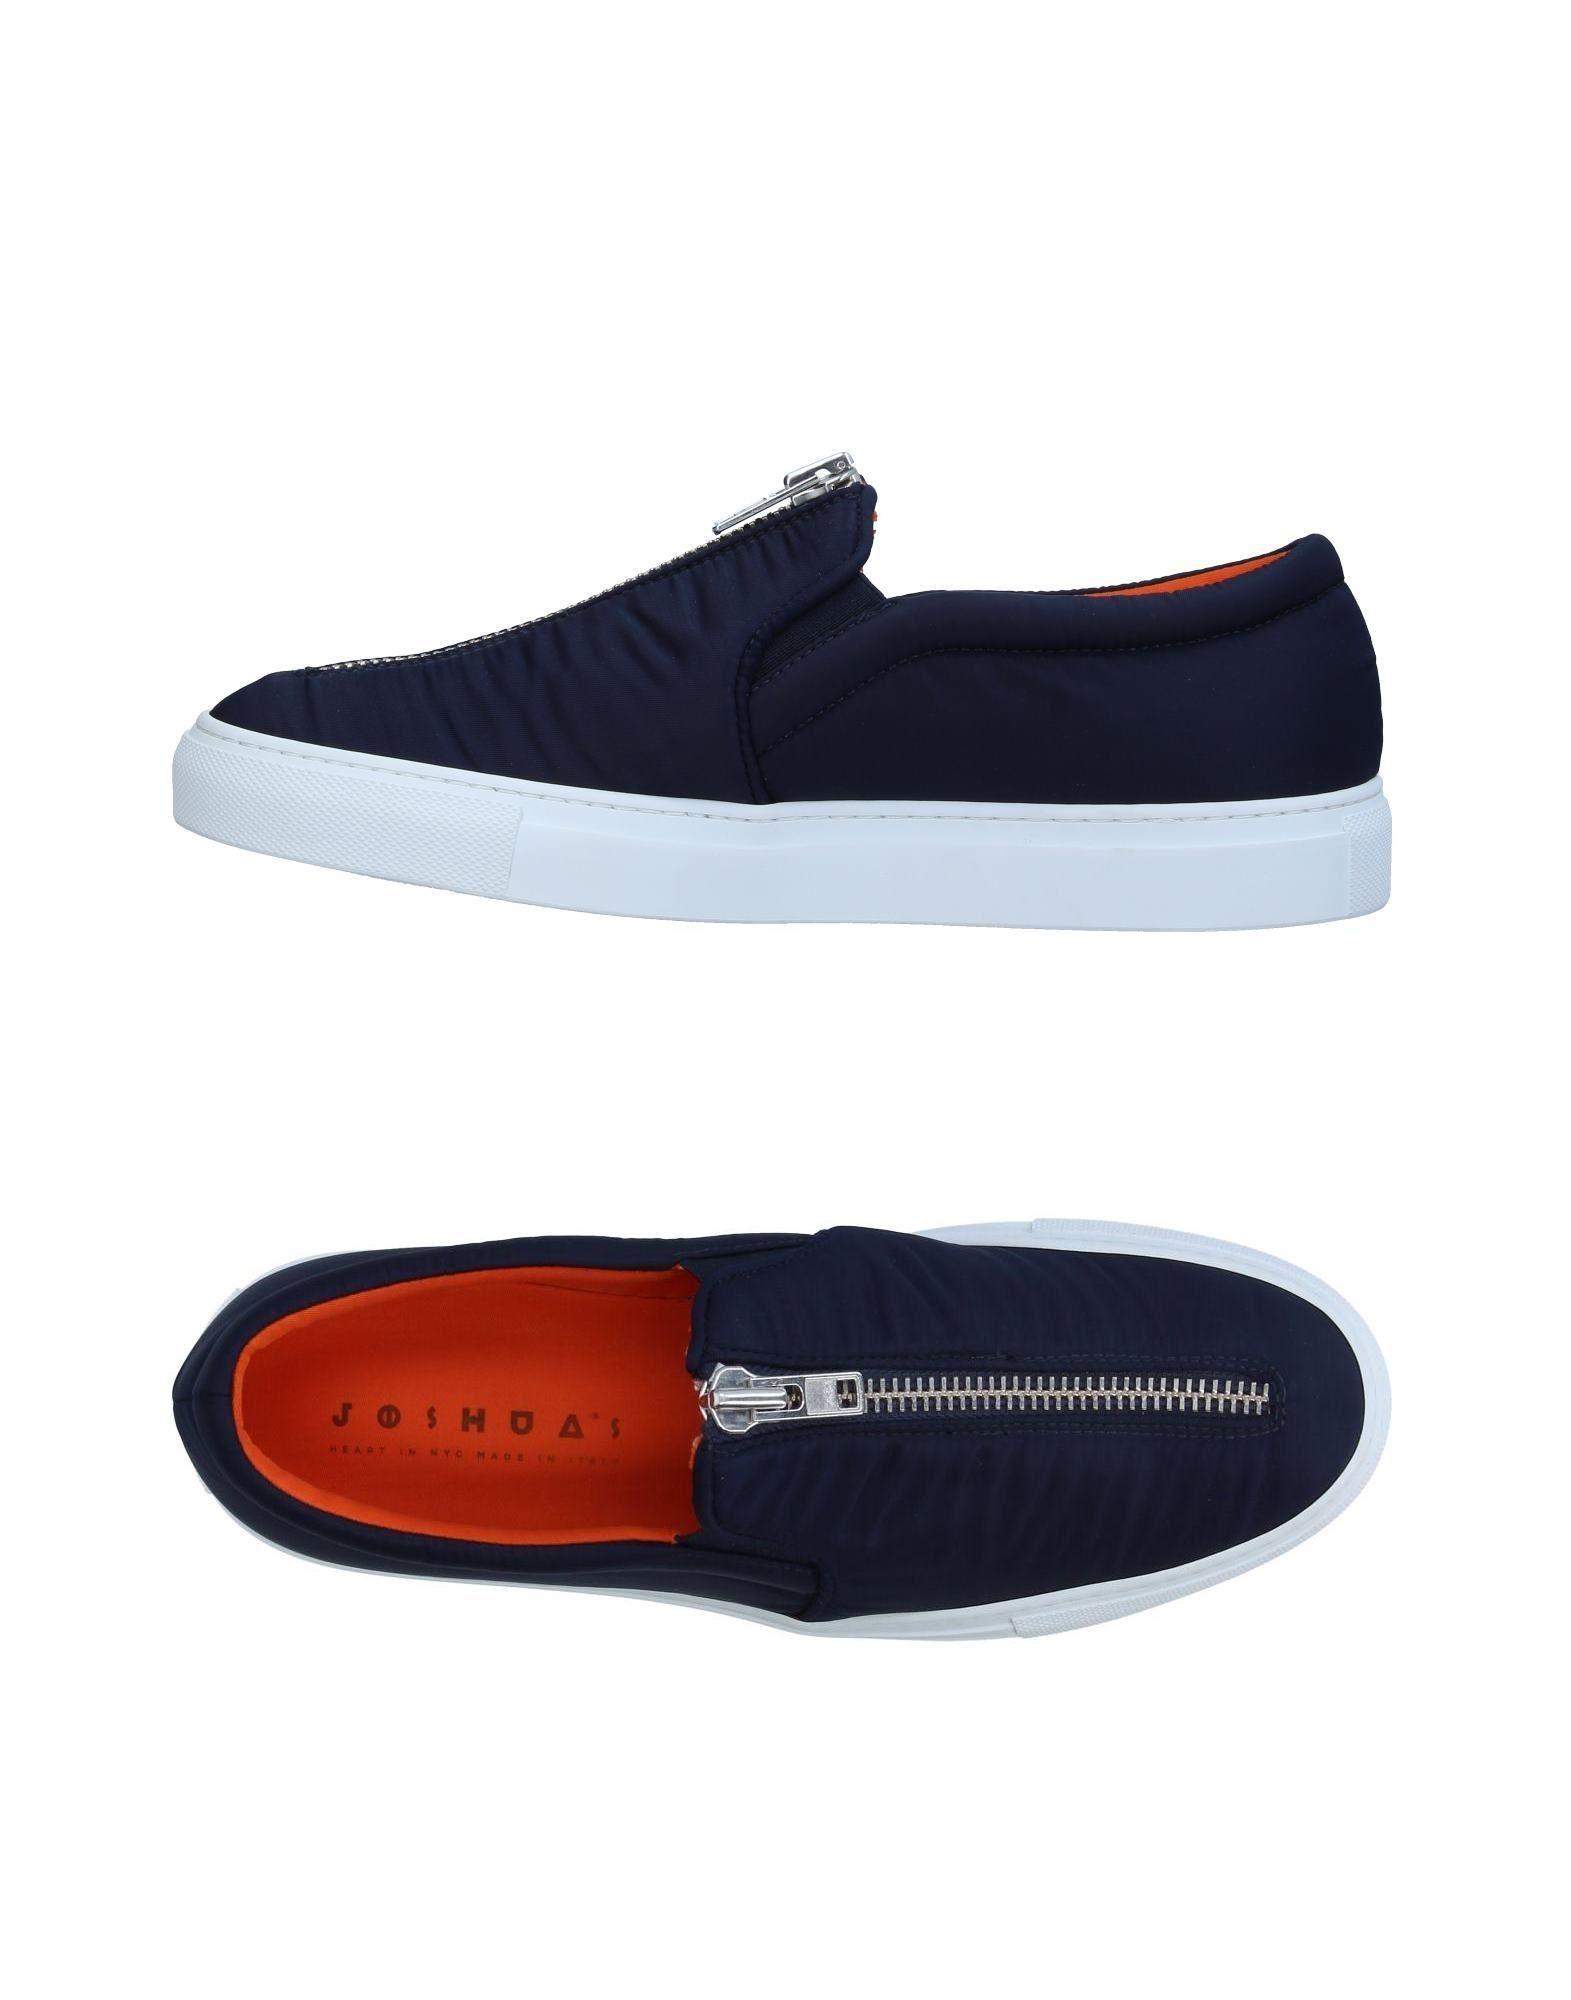 Rabatt echte Schuhe Joshua*S Sneakers Herren  11362261VV